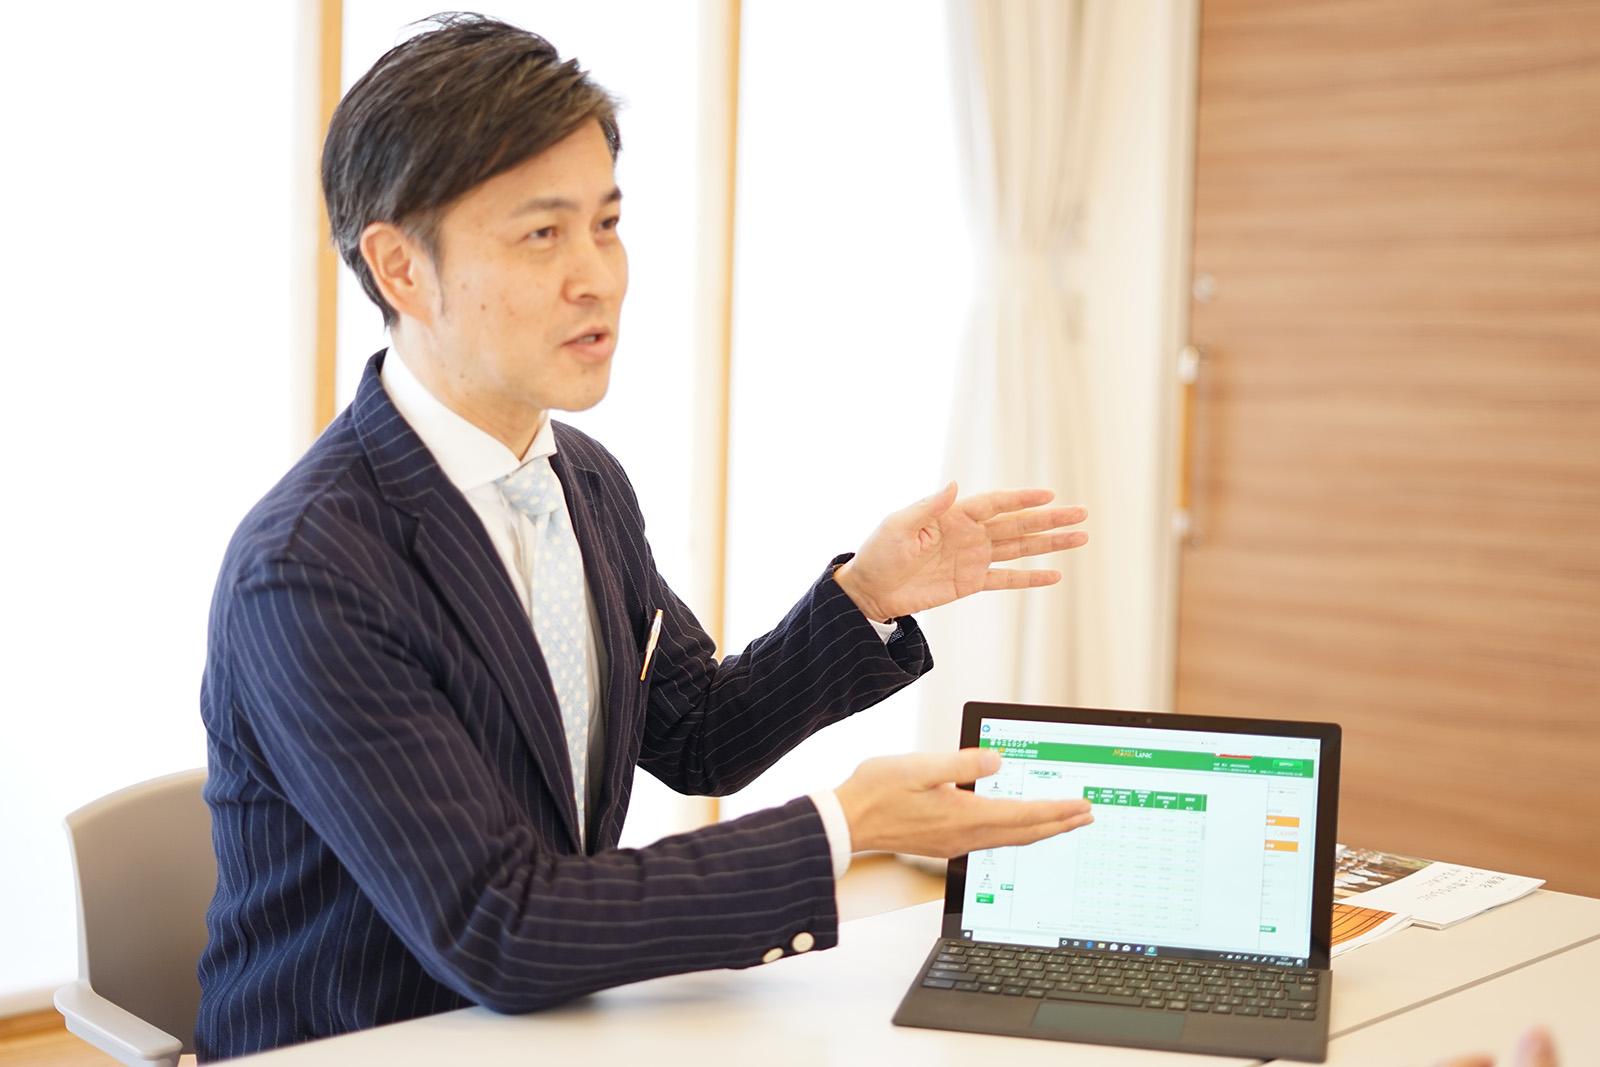 内田貴士さんが説明している